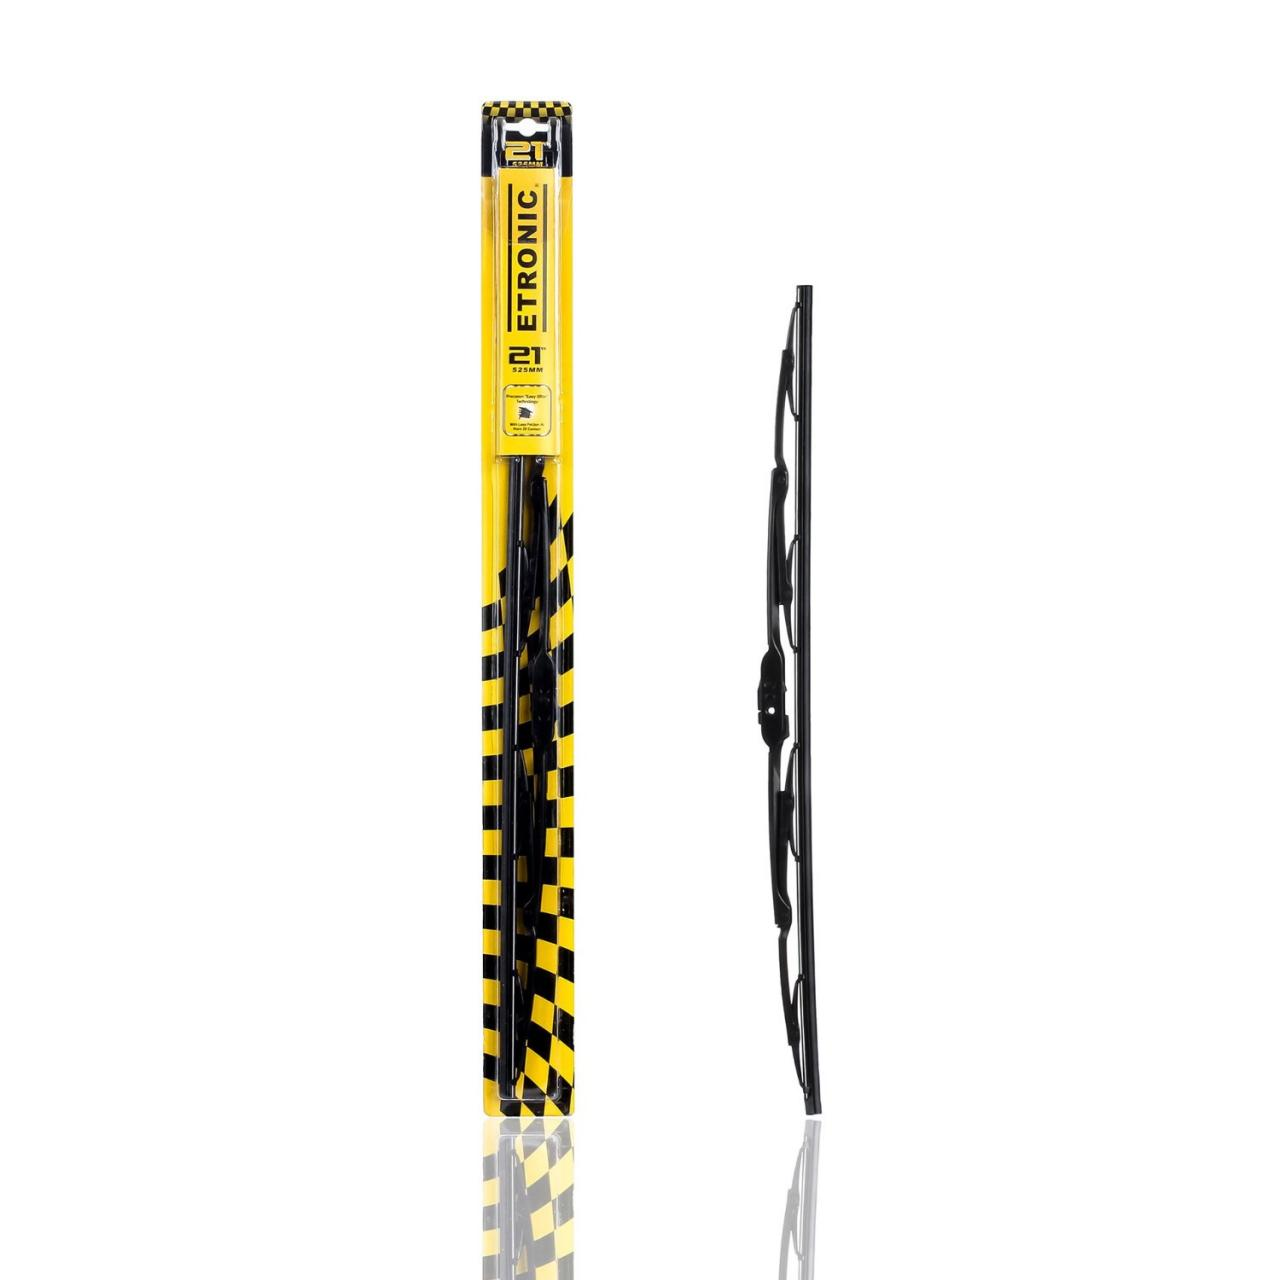 Top 10 Best Windshield Wiper Blades on The Market